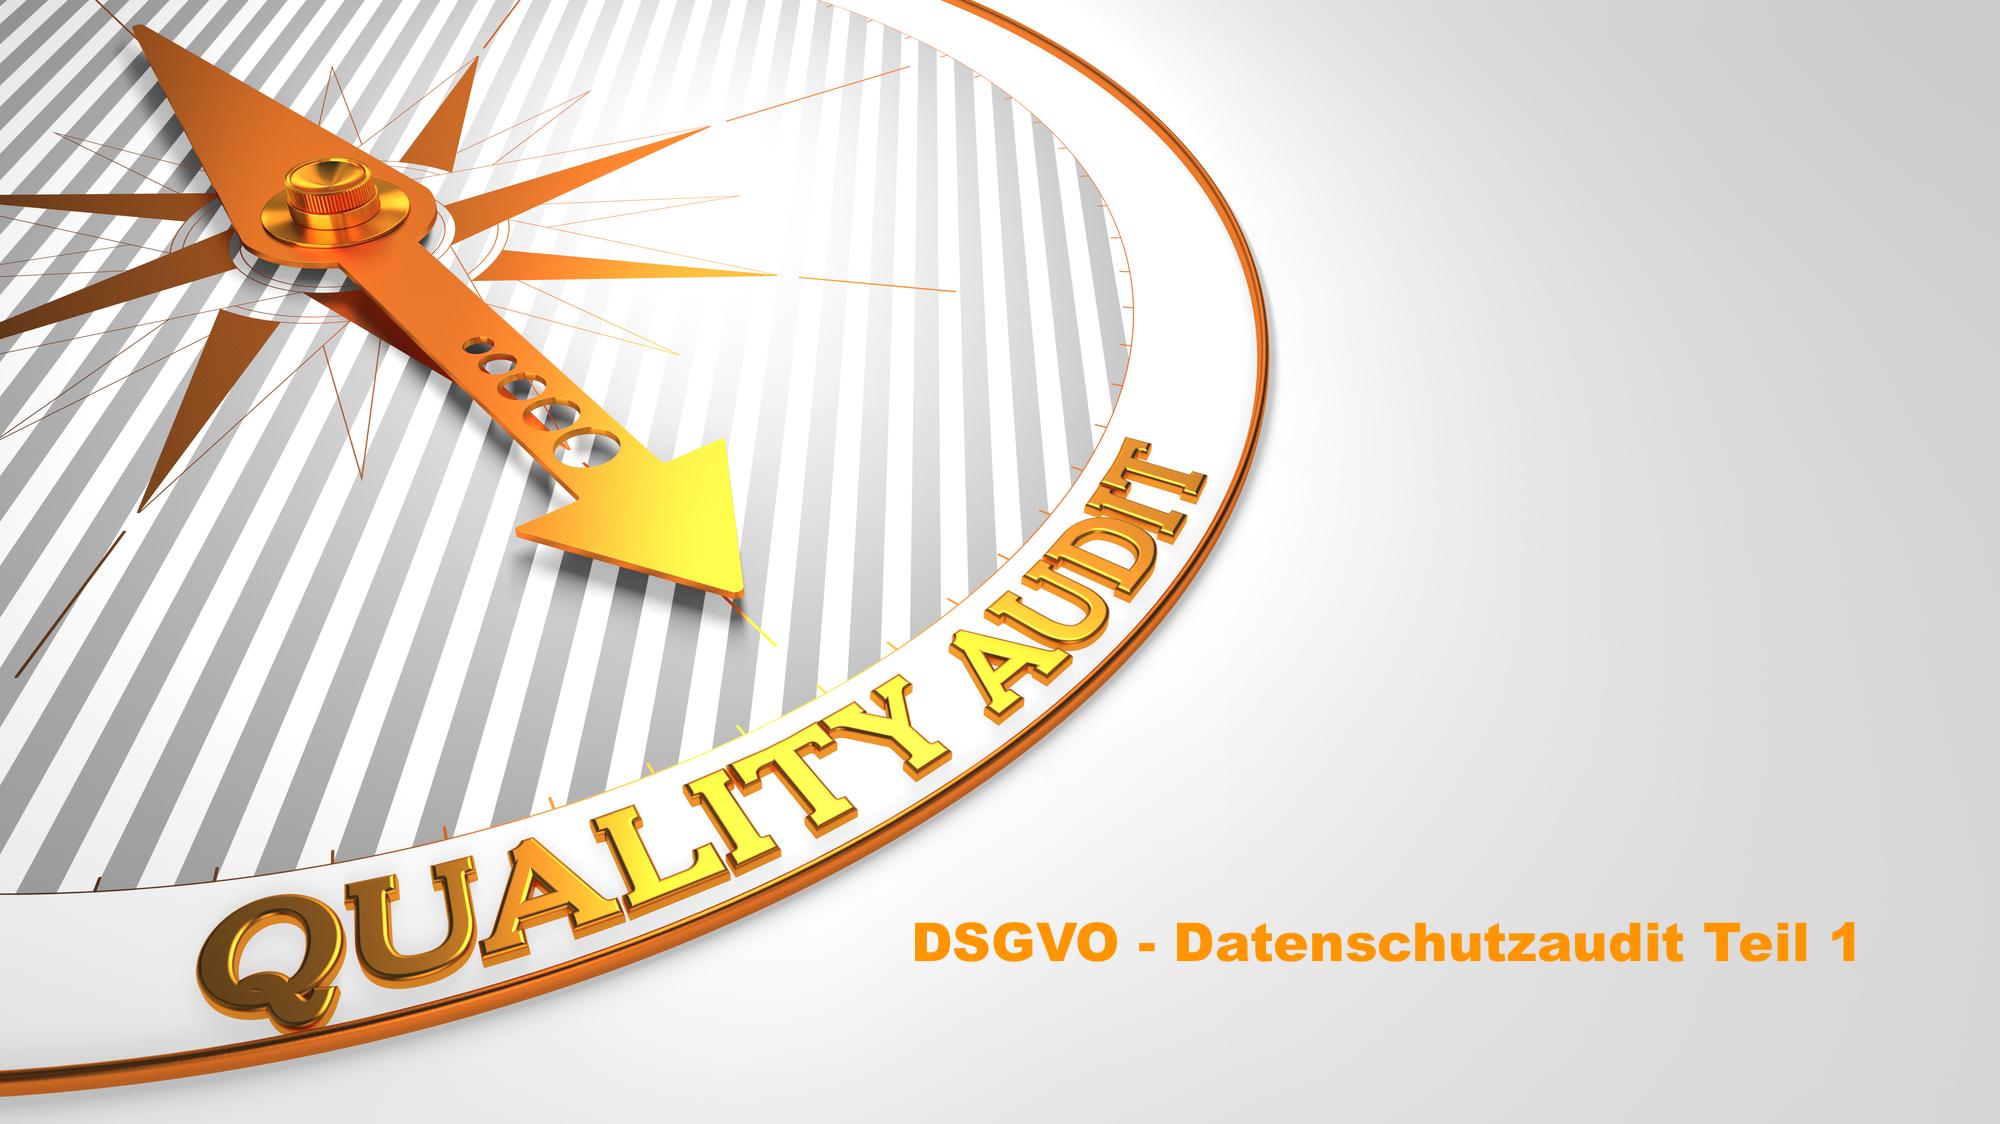 DSGVO Datenschutzaudit